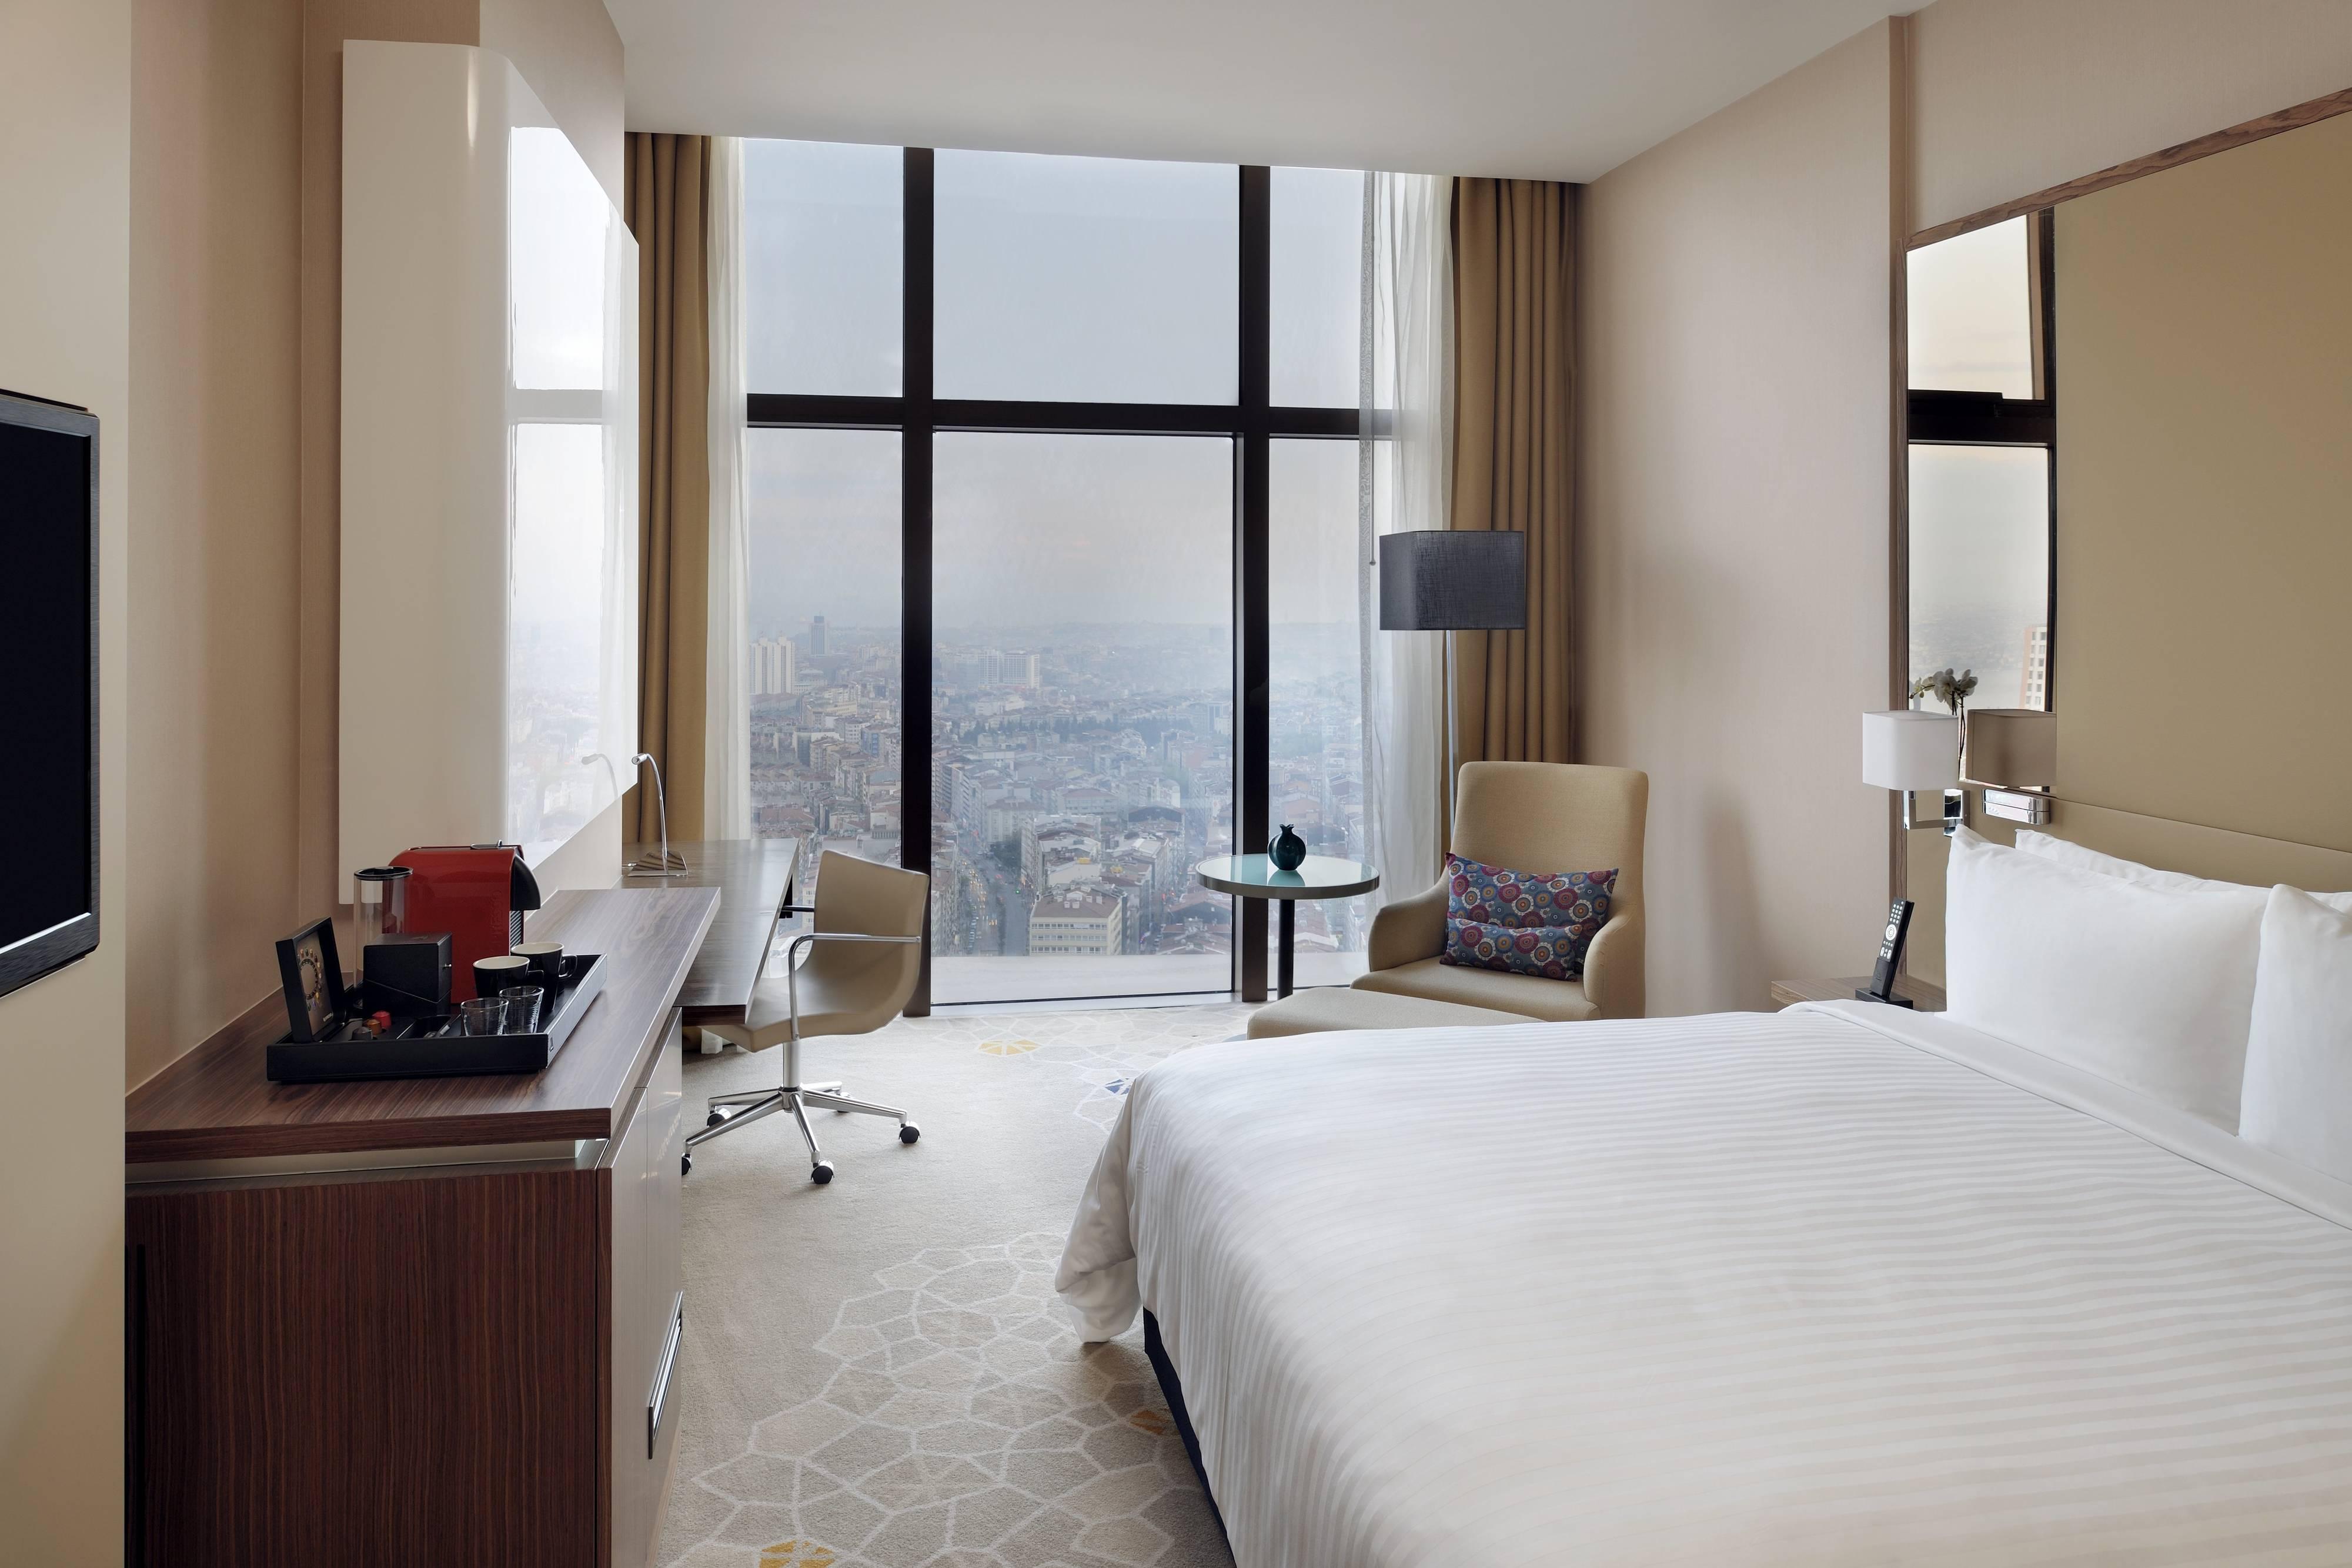 هتل استانبول ماریوت شیشلی